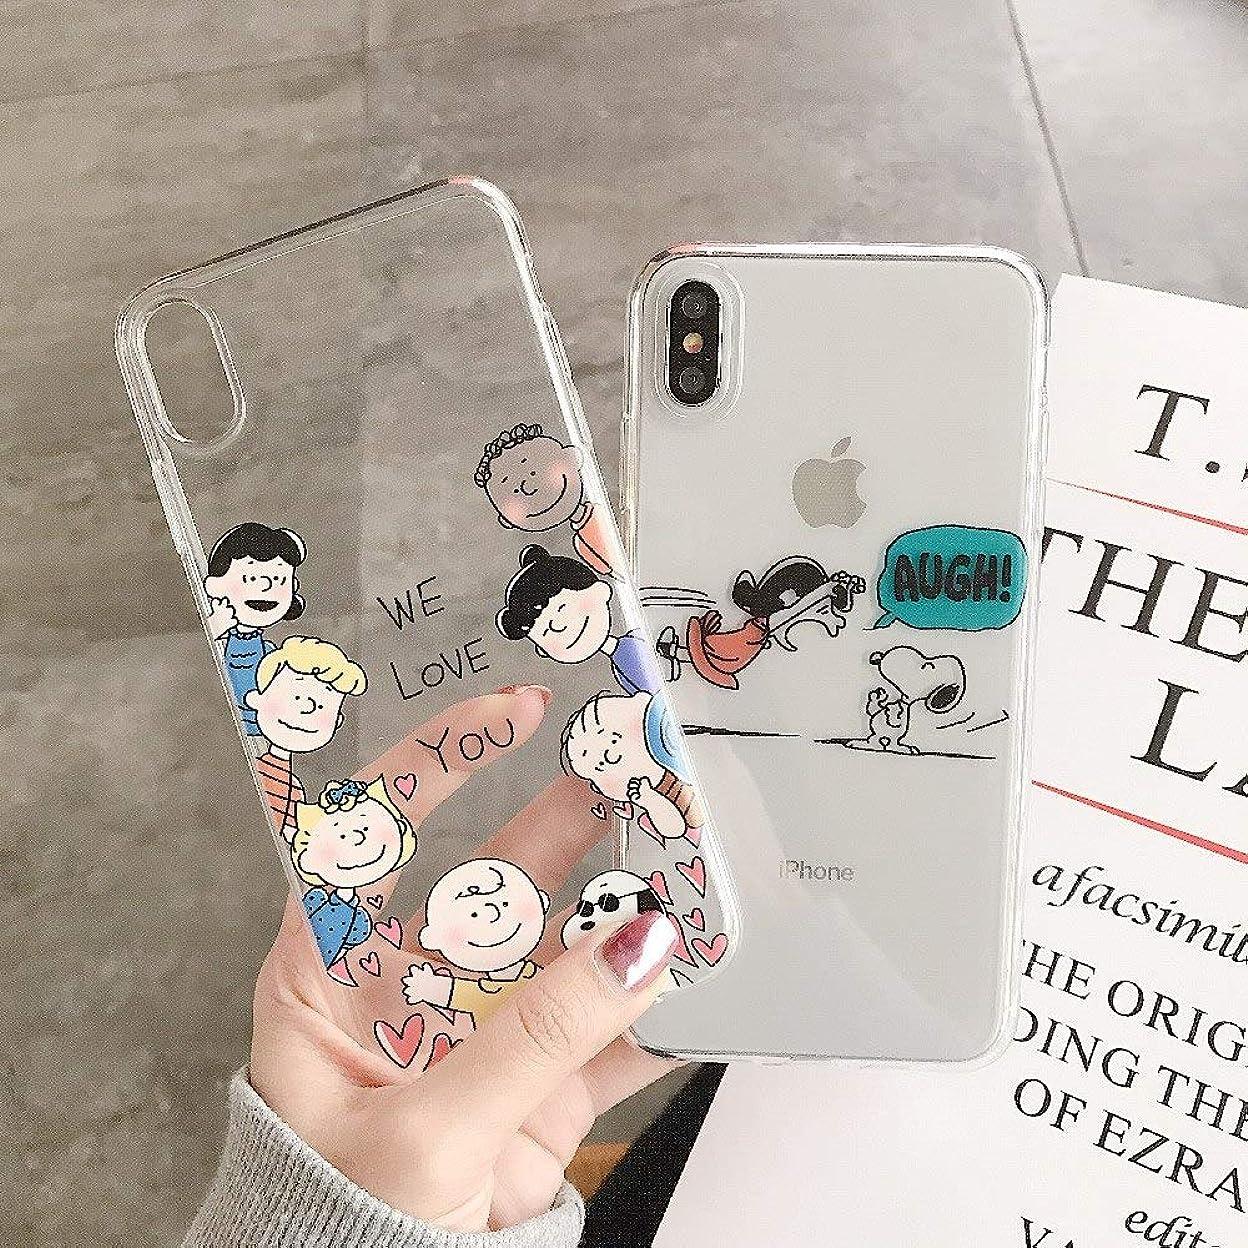 せがむ可決逆さまにスヌーピー 仲間たち iPhone ケース 携帯カバー 携帯ケース スマホ キャラクター スヌーピー snoopy PEANUTS ルーシー かわいい 透明 韓国 人気 iPhone7/8 7/8plus X/Xs XR (iPhoneXR, スヌーピー&ルーシー)